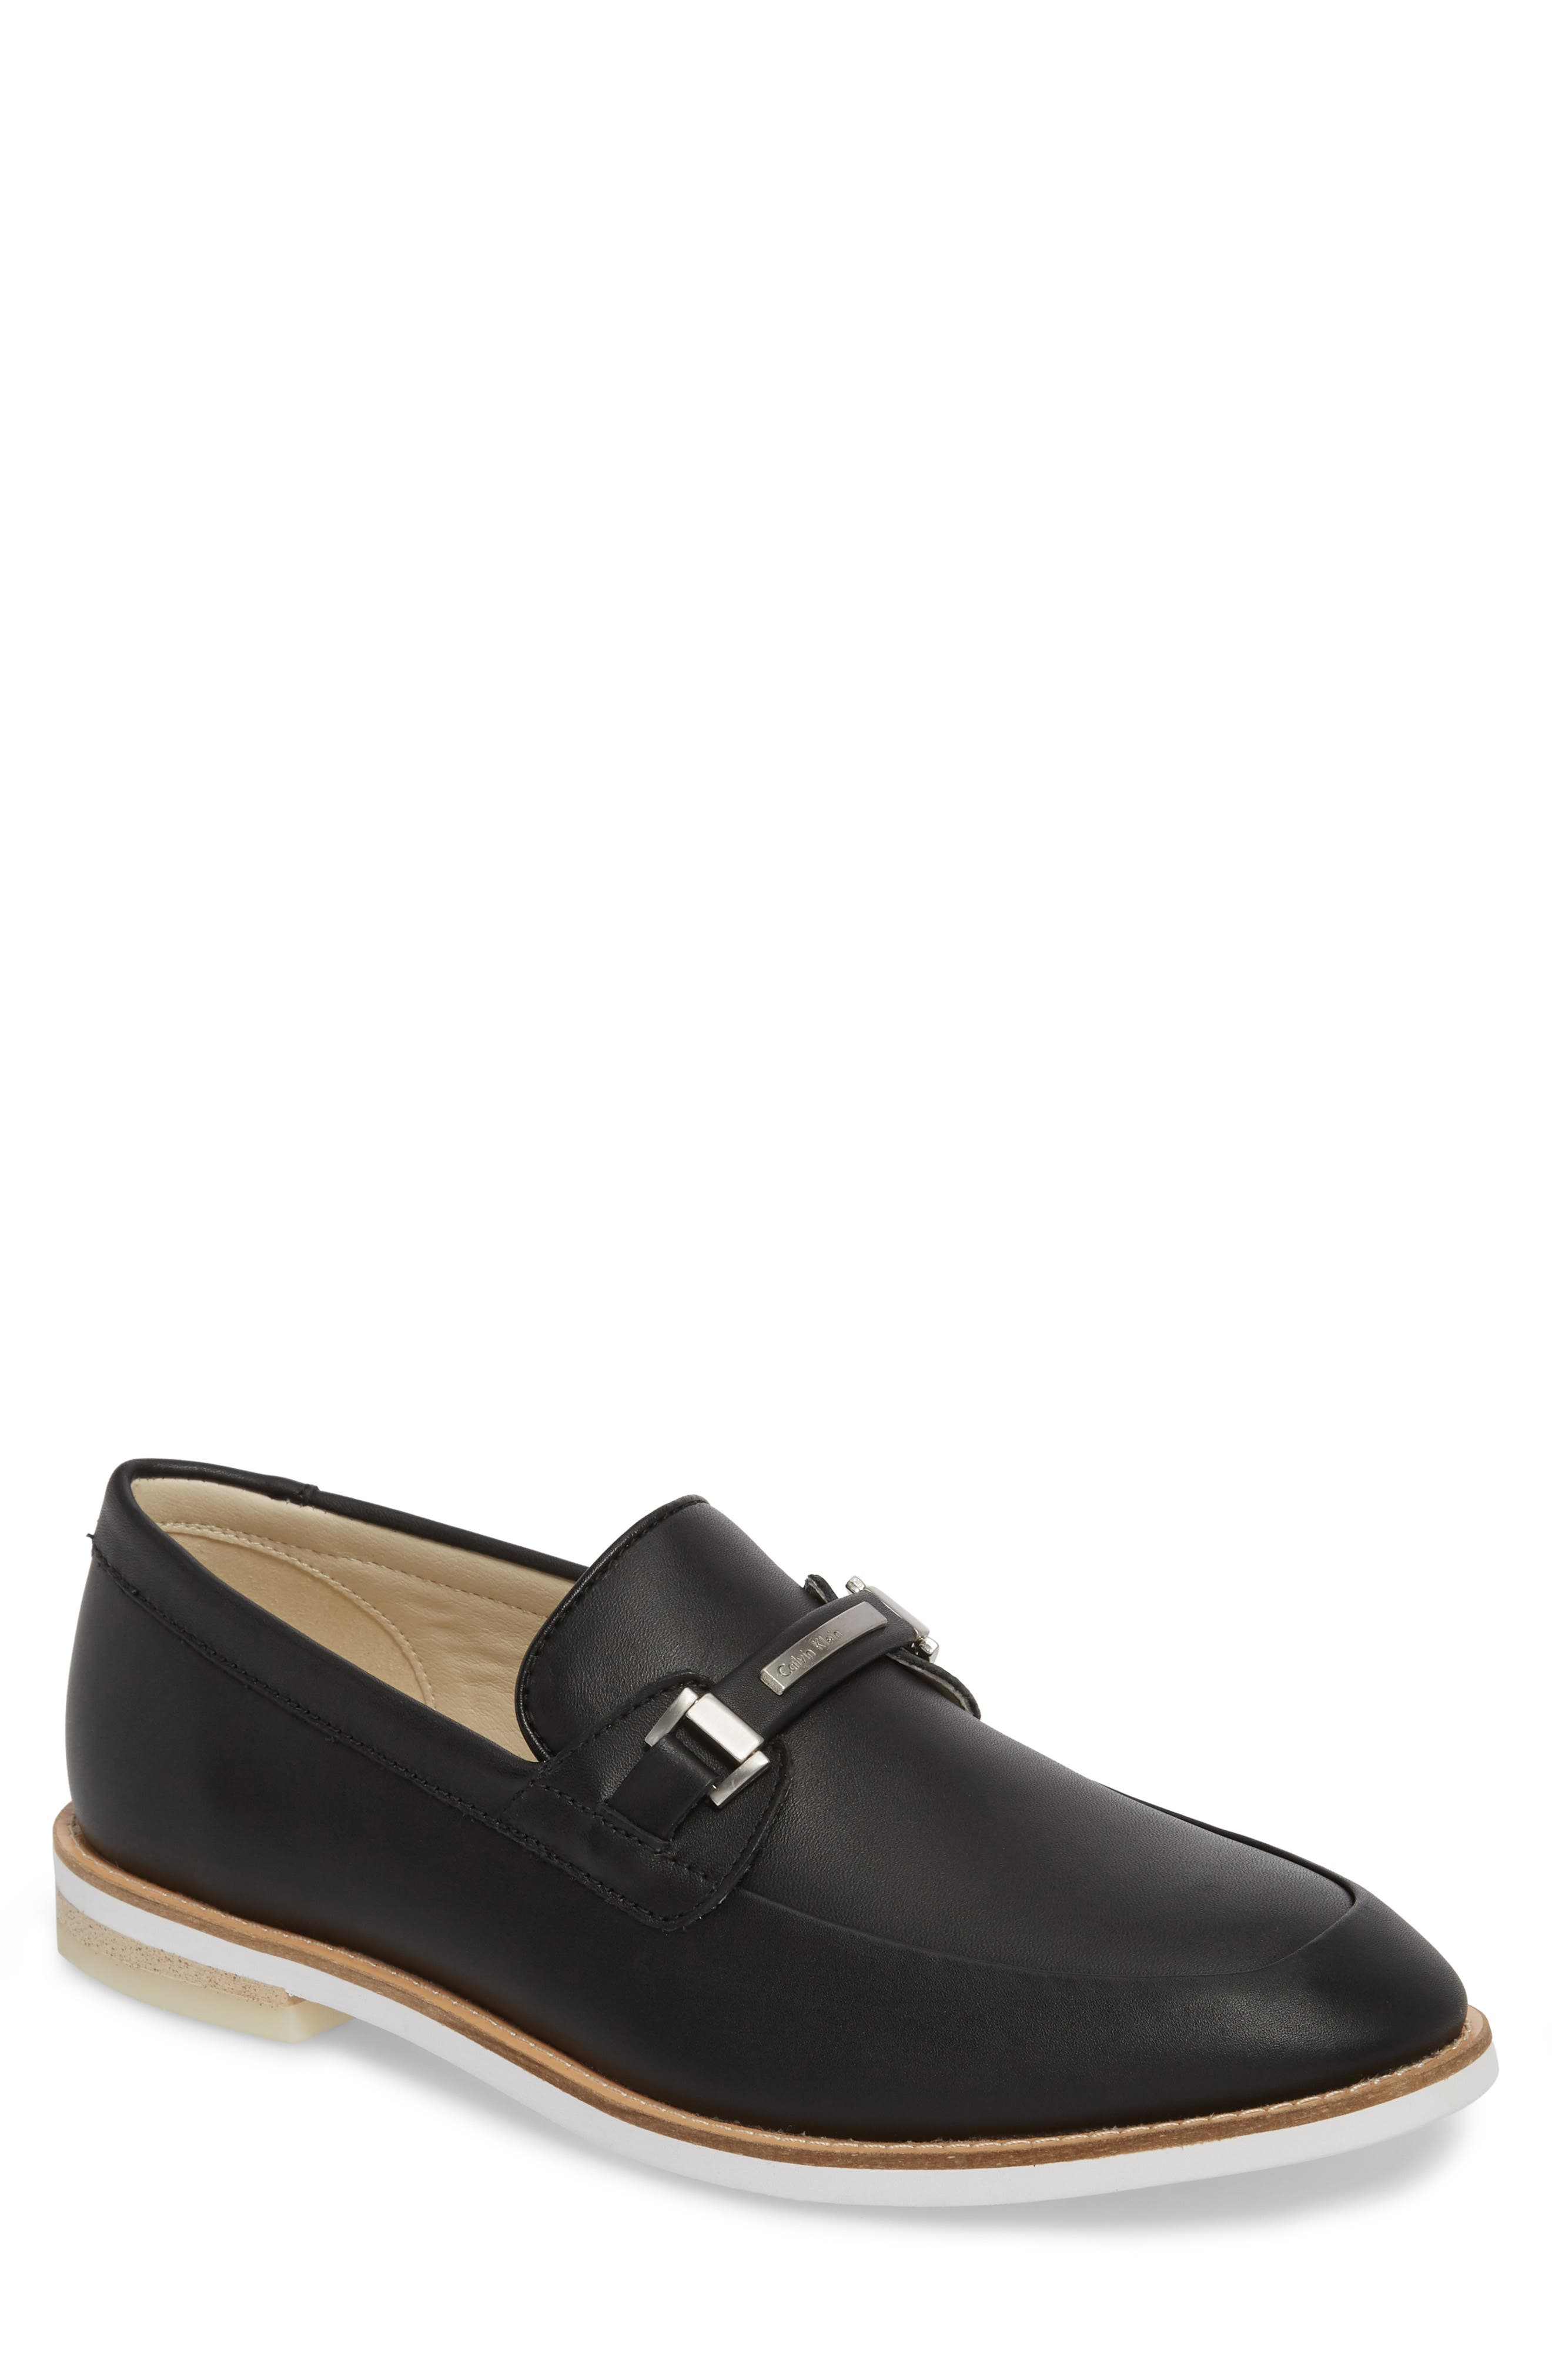 Adler Bit Loafer,                             Main thumbnail 1, color,                             Black Leather